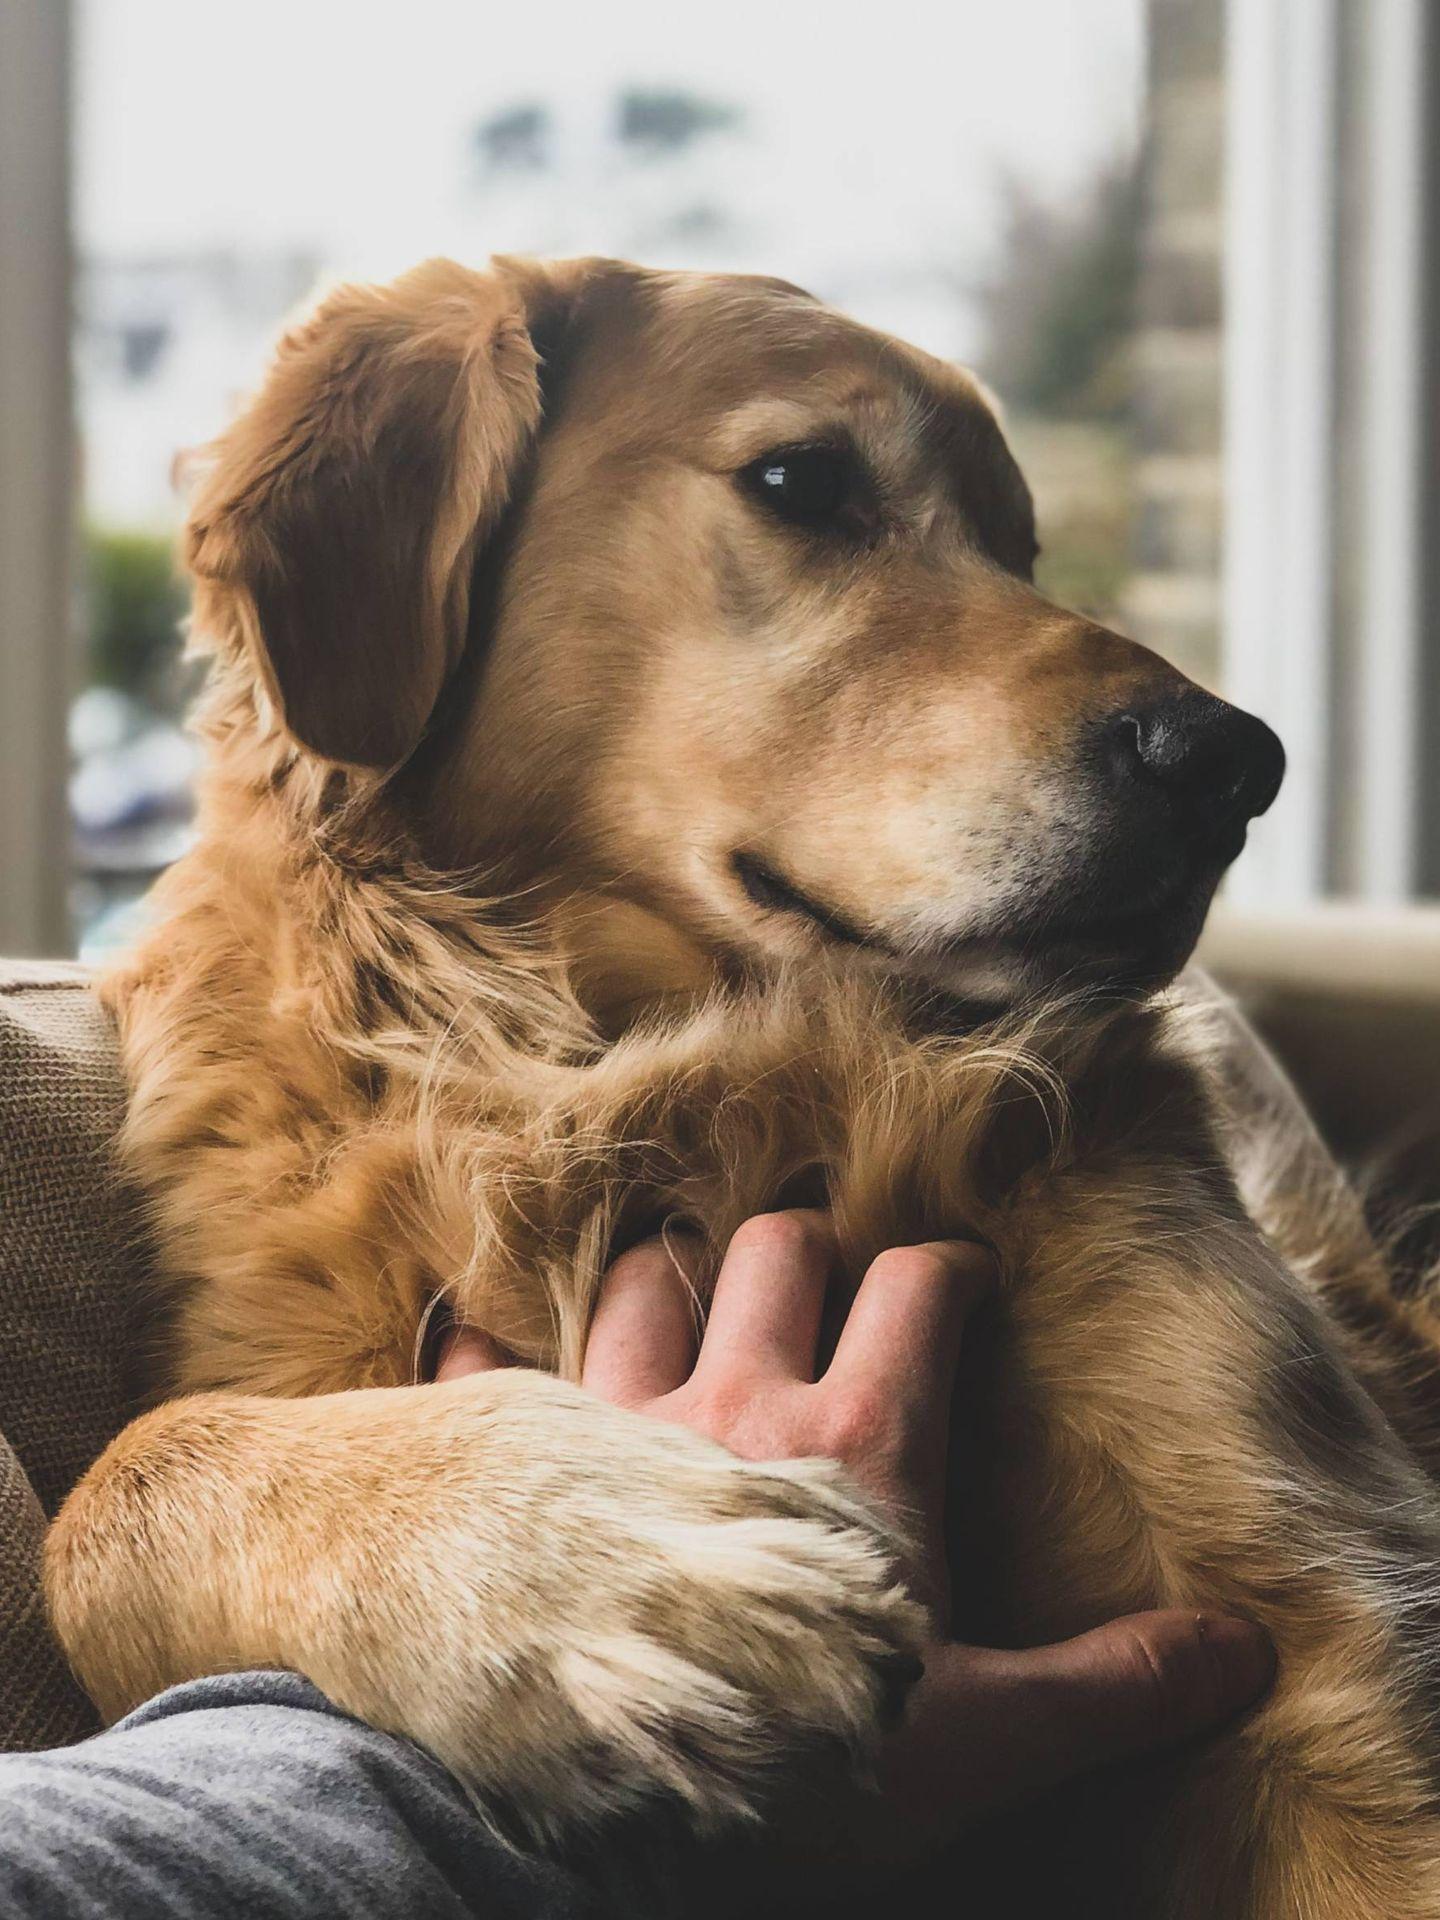 La dieta BARF quiere lo mejor para nuestro perro. (Jack Brind para Unsplash)